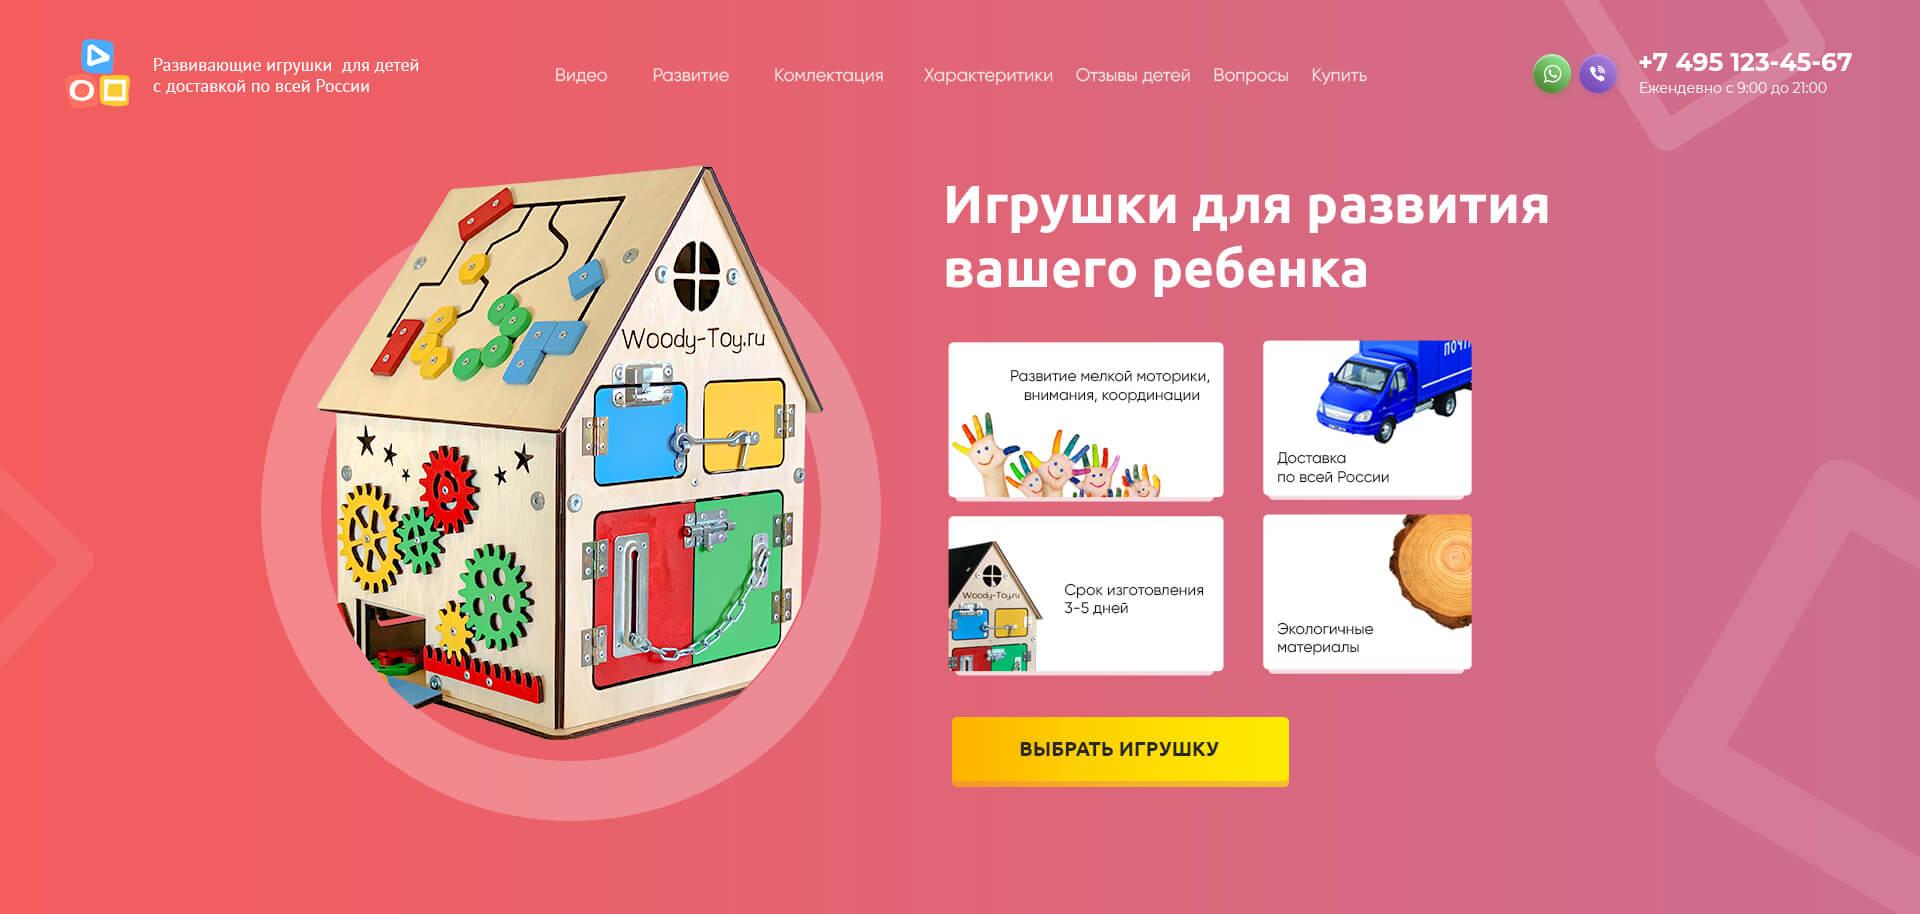 Дизайн лендинга для компании по продаже развивающих игрушек 2